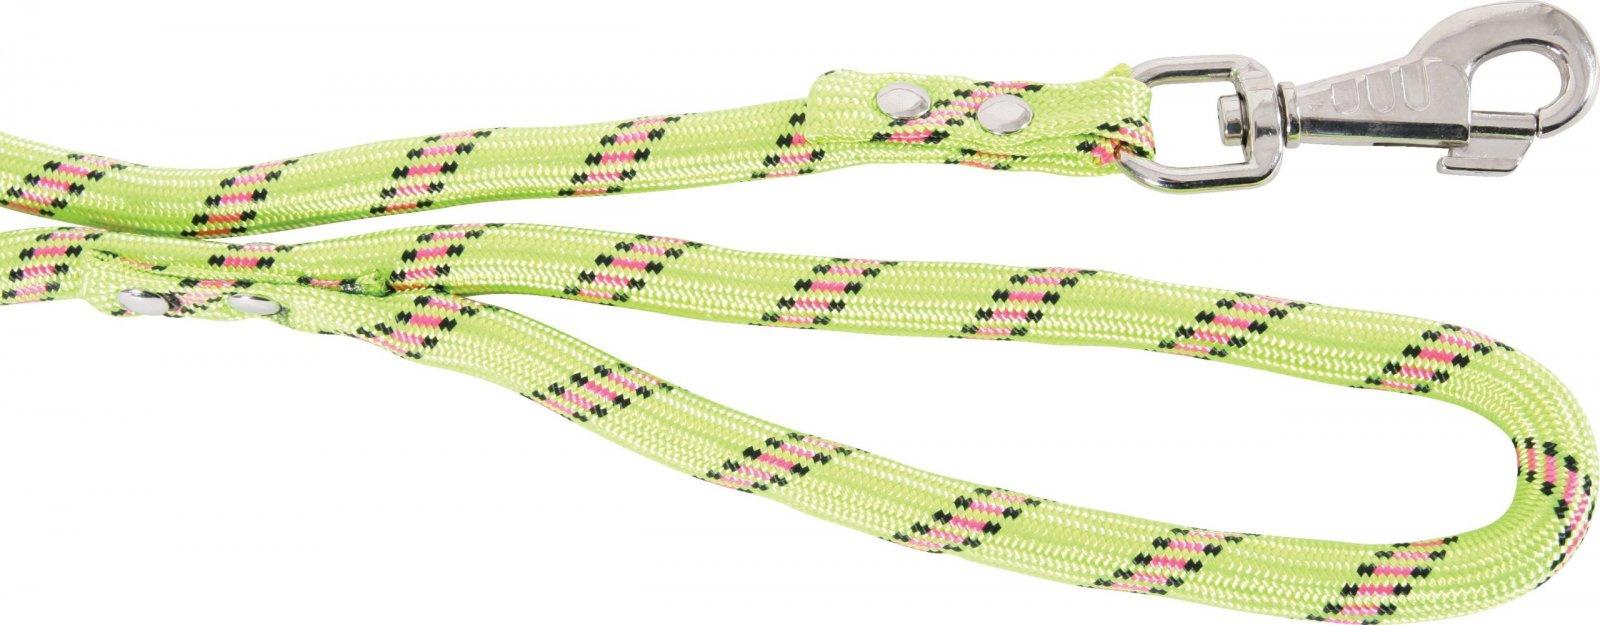 ZOLUX Smycz nylonowa sznur 3m NEON